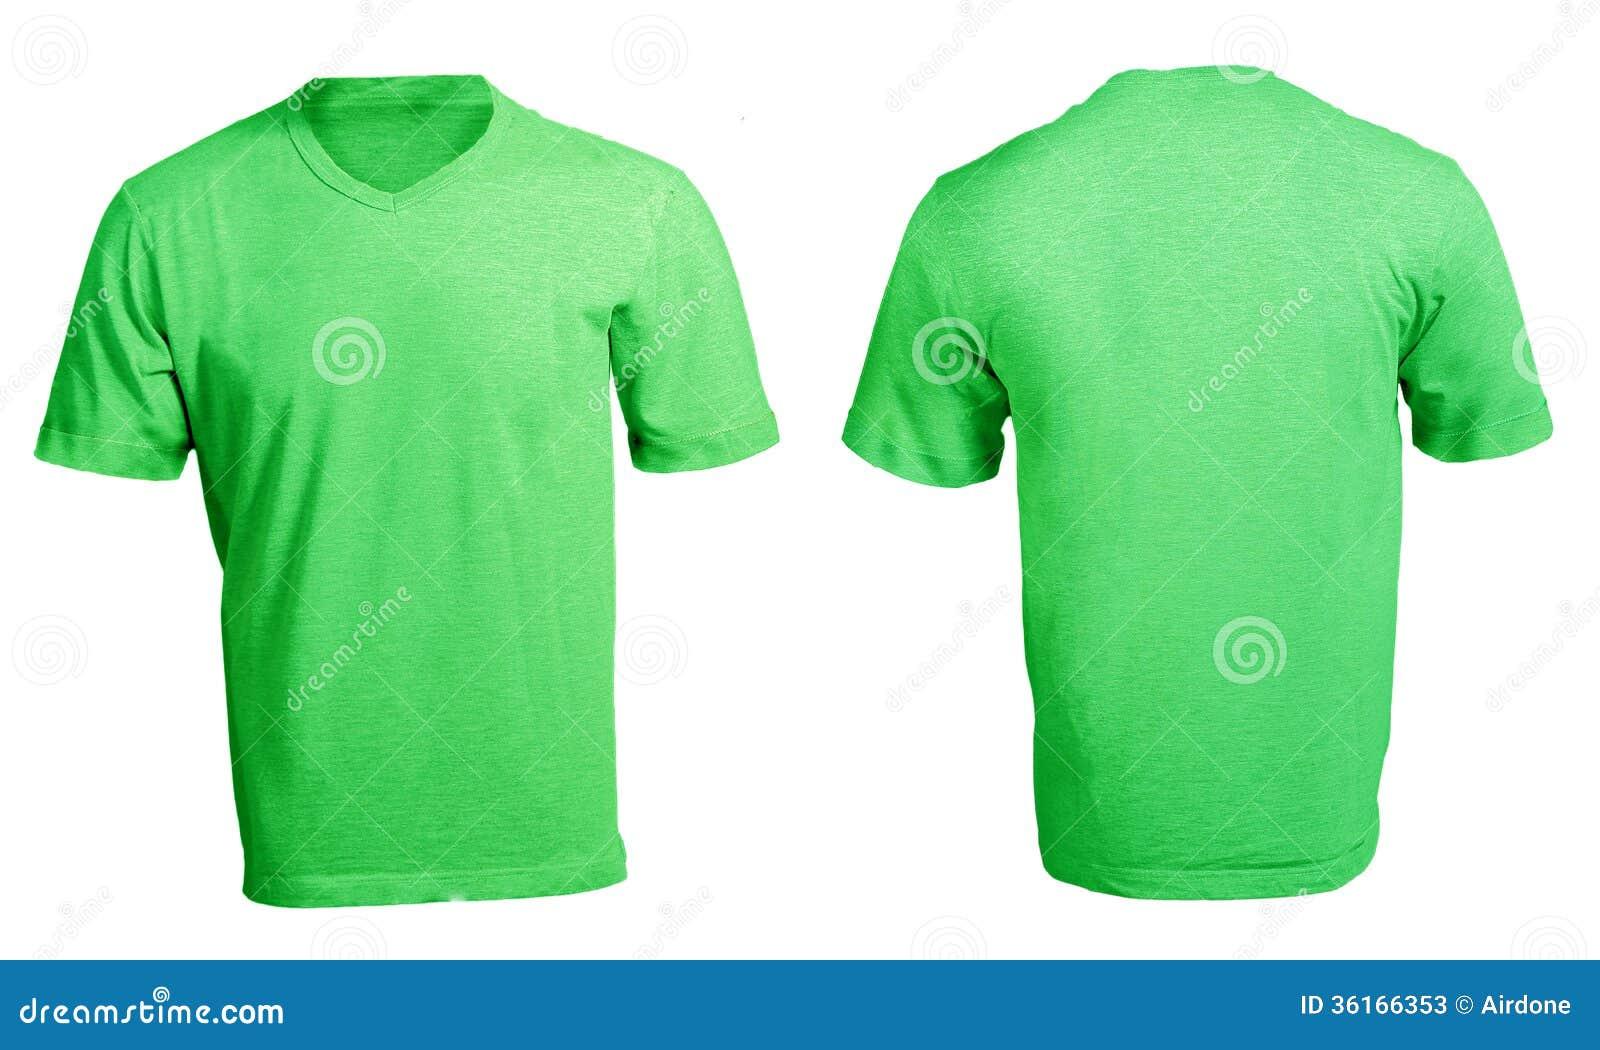 Men 39 s blank green v neck shirt template stock image for T shirt design v neck